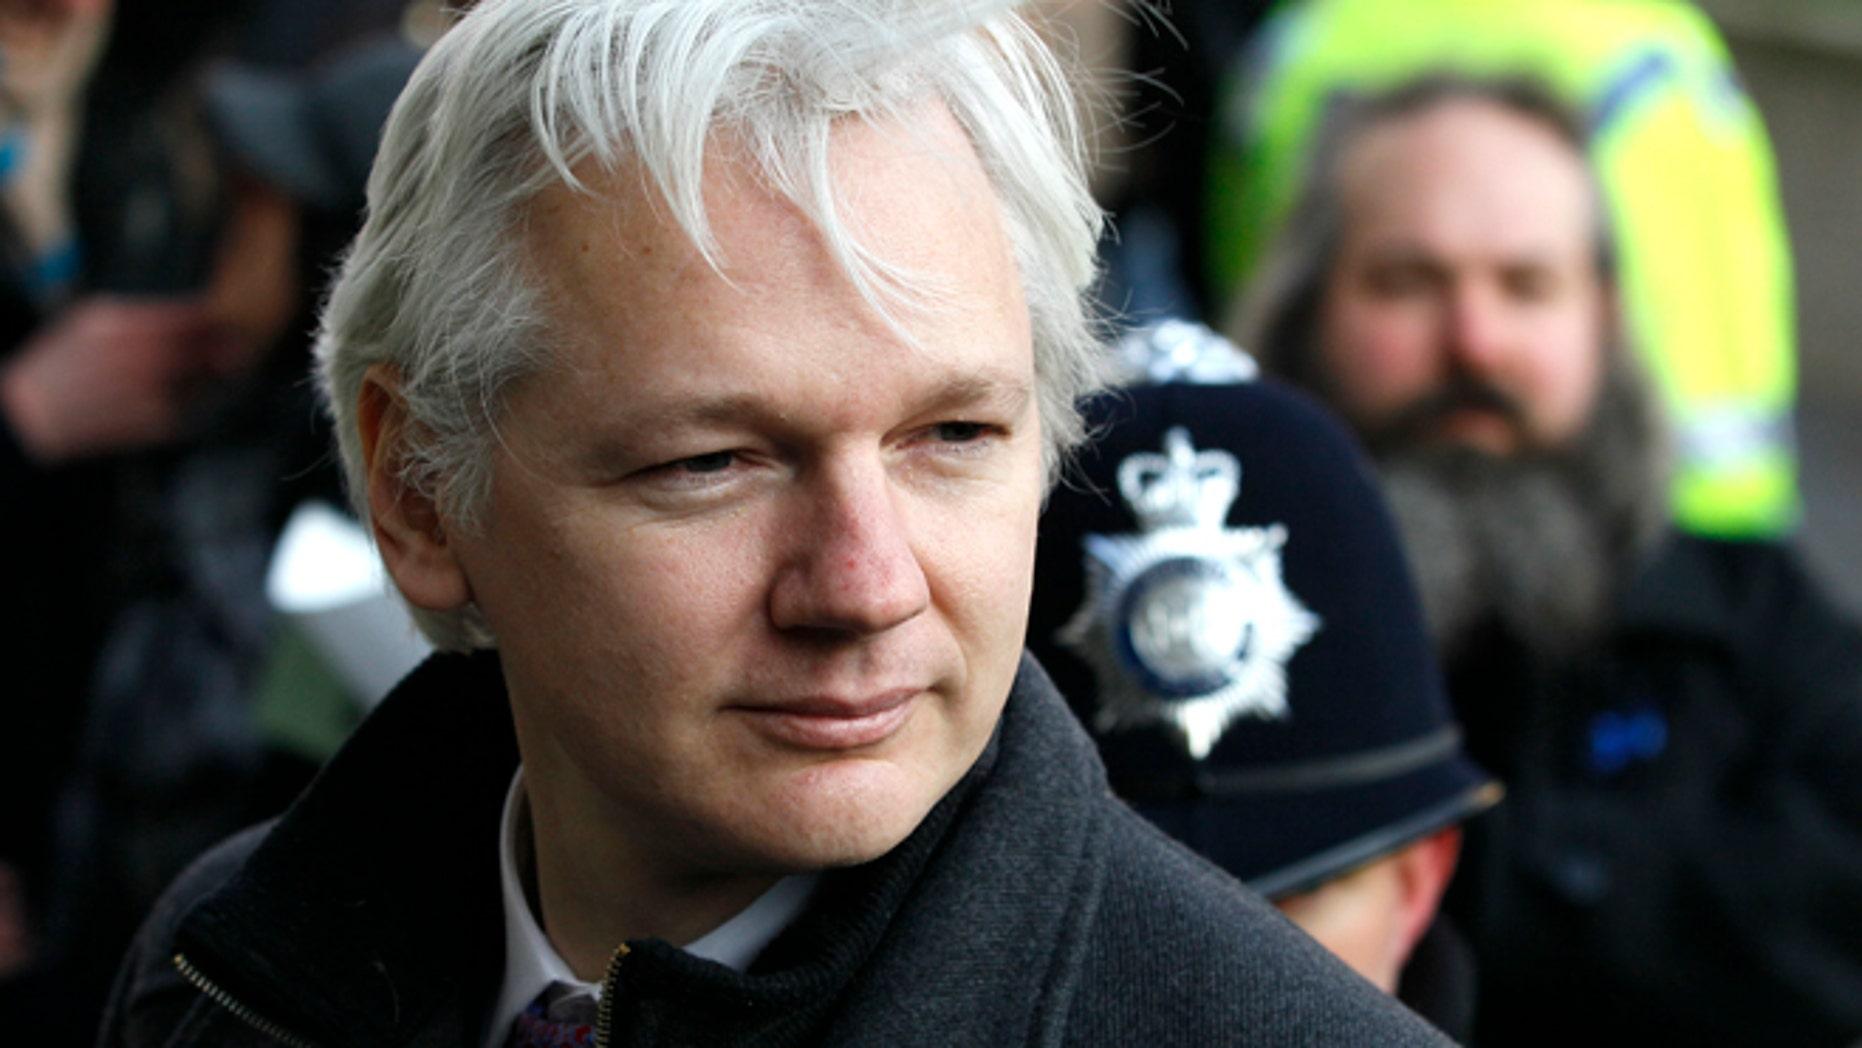 El fundador de WikiLeaks, Julian Assange, en esta fotografía de archivo del 1 de febrero de 2012, al llegar a la Corte Suprema en Londres. (Foto AP/Kirsty Wigglesworth, Archivo)